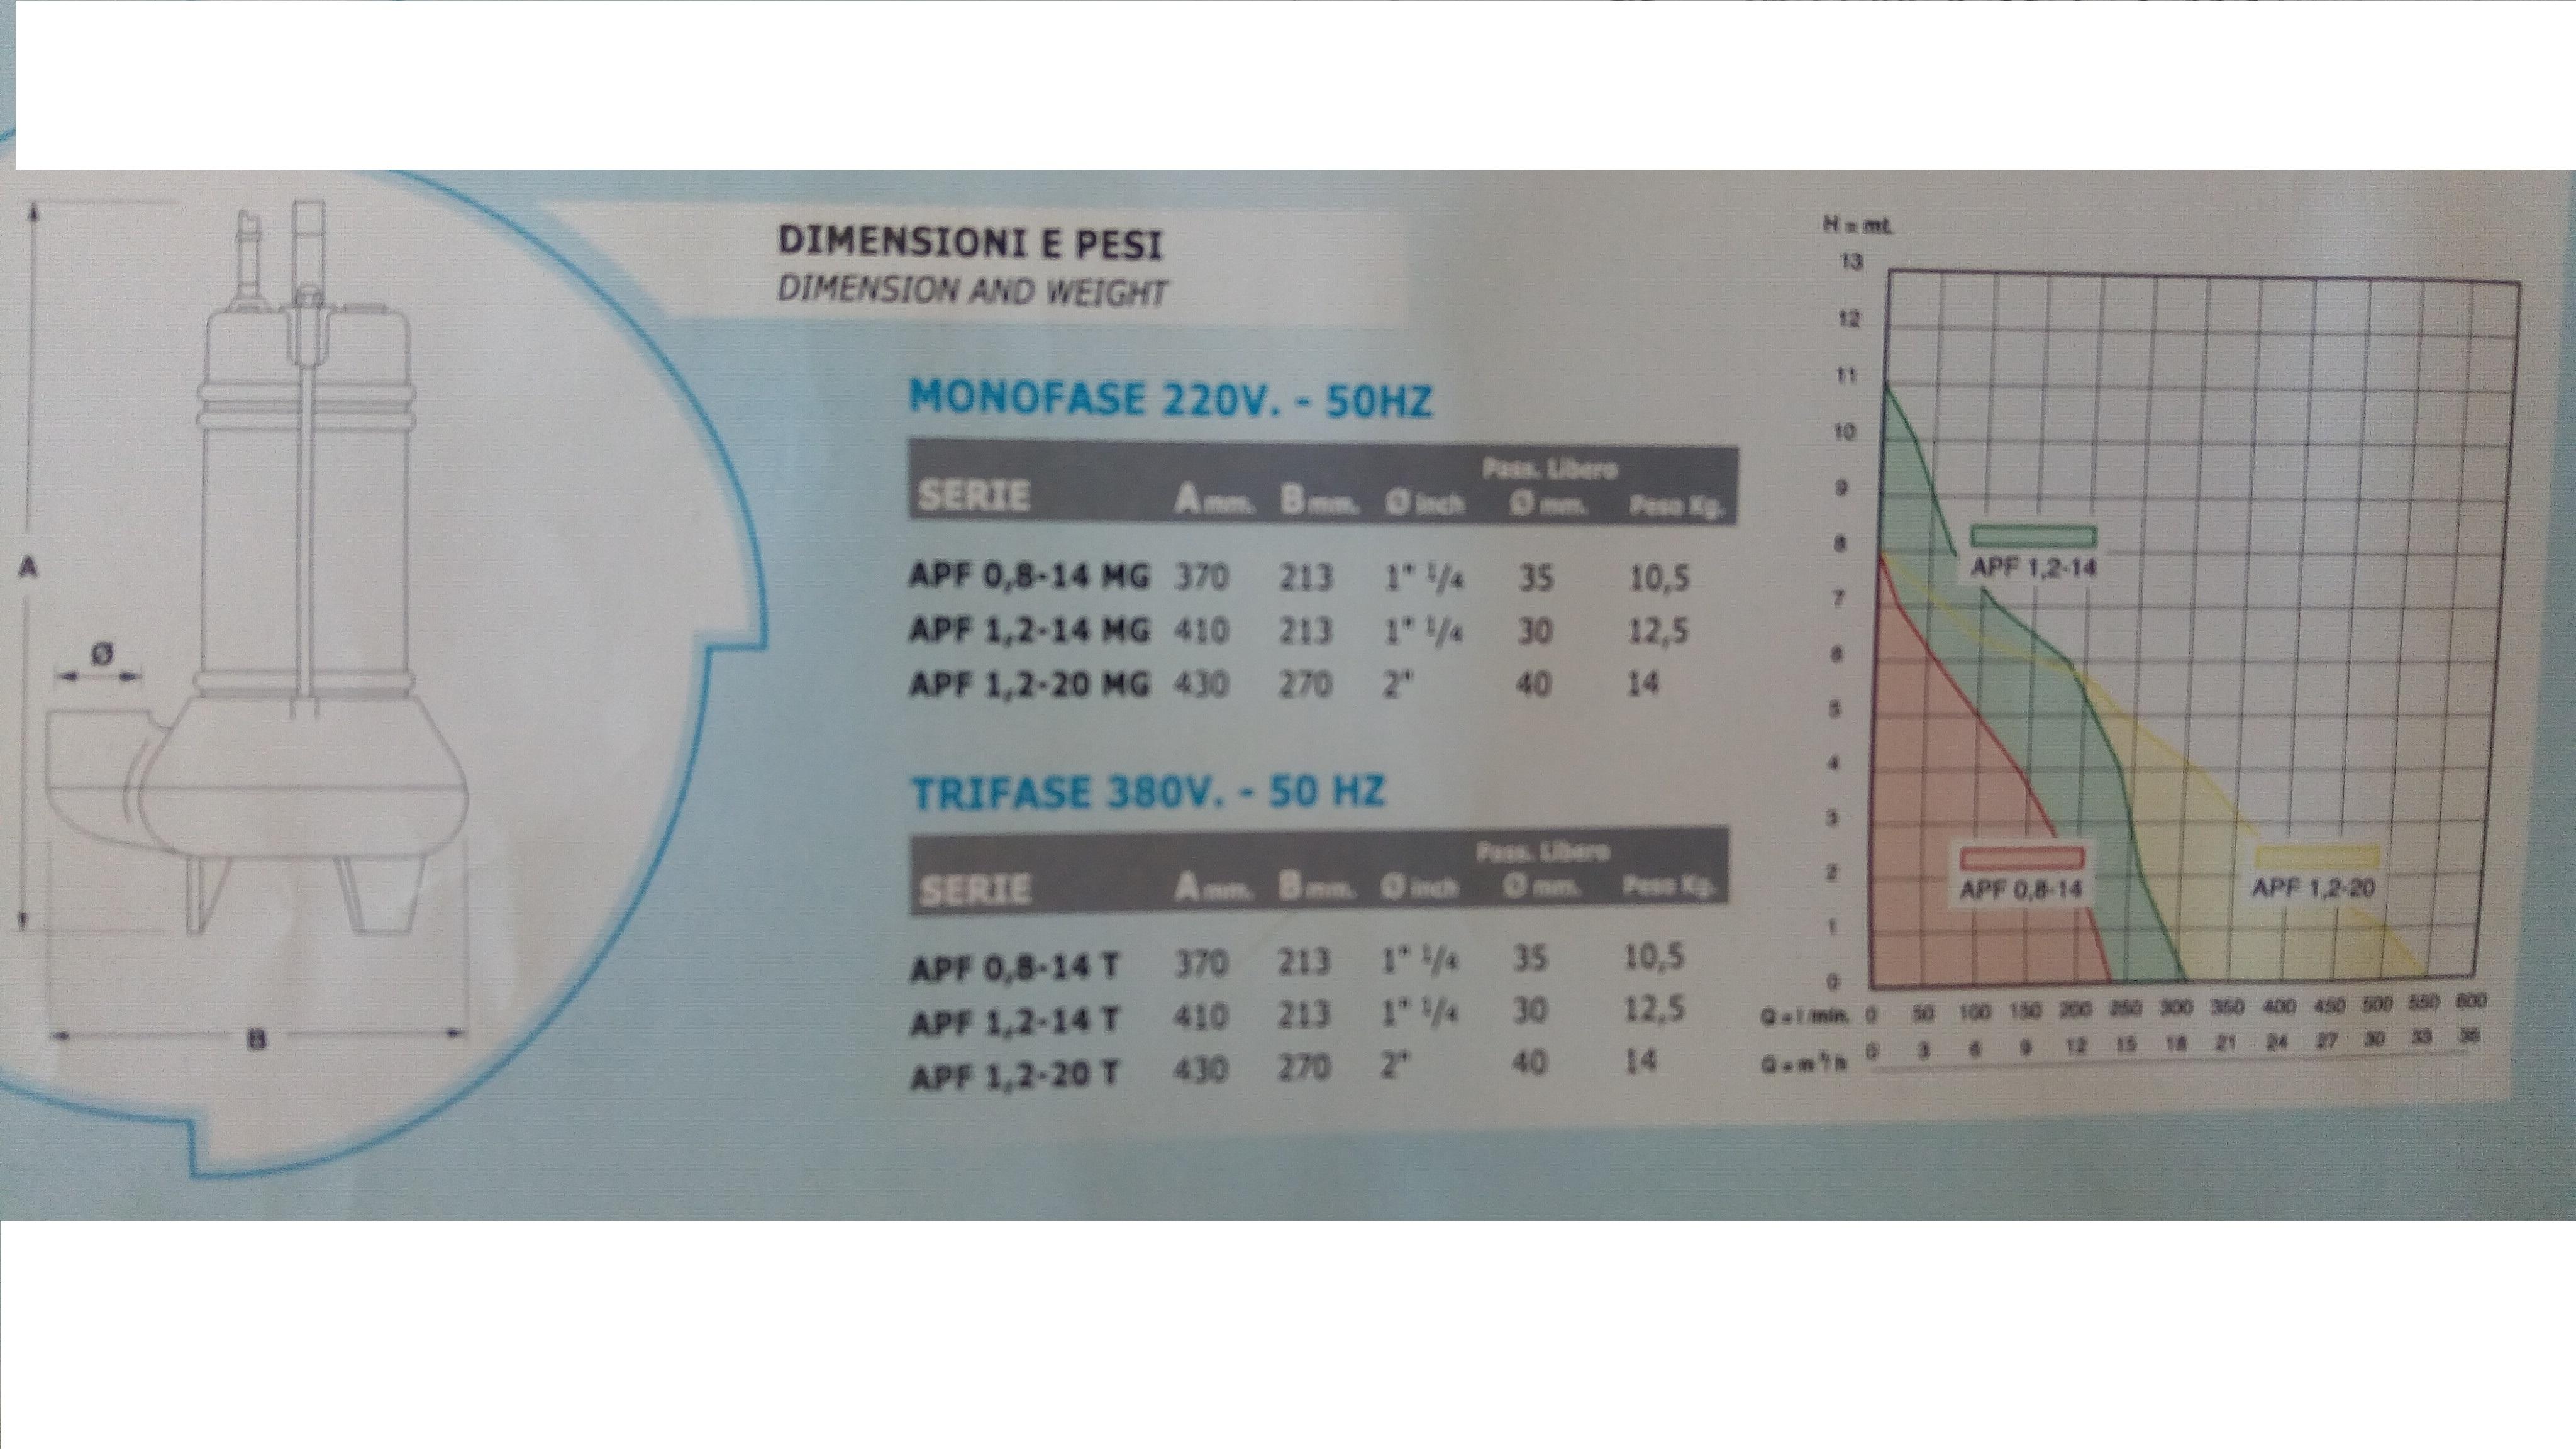 Schema Quadro Elettrico Per Pompa Sommersa Trifase : Elettropompa sommergibile apf 1 2 14t trifase 1 2hp per acque luride